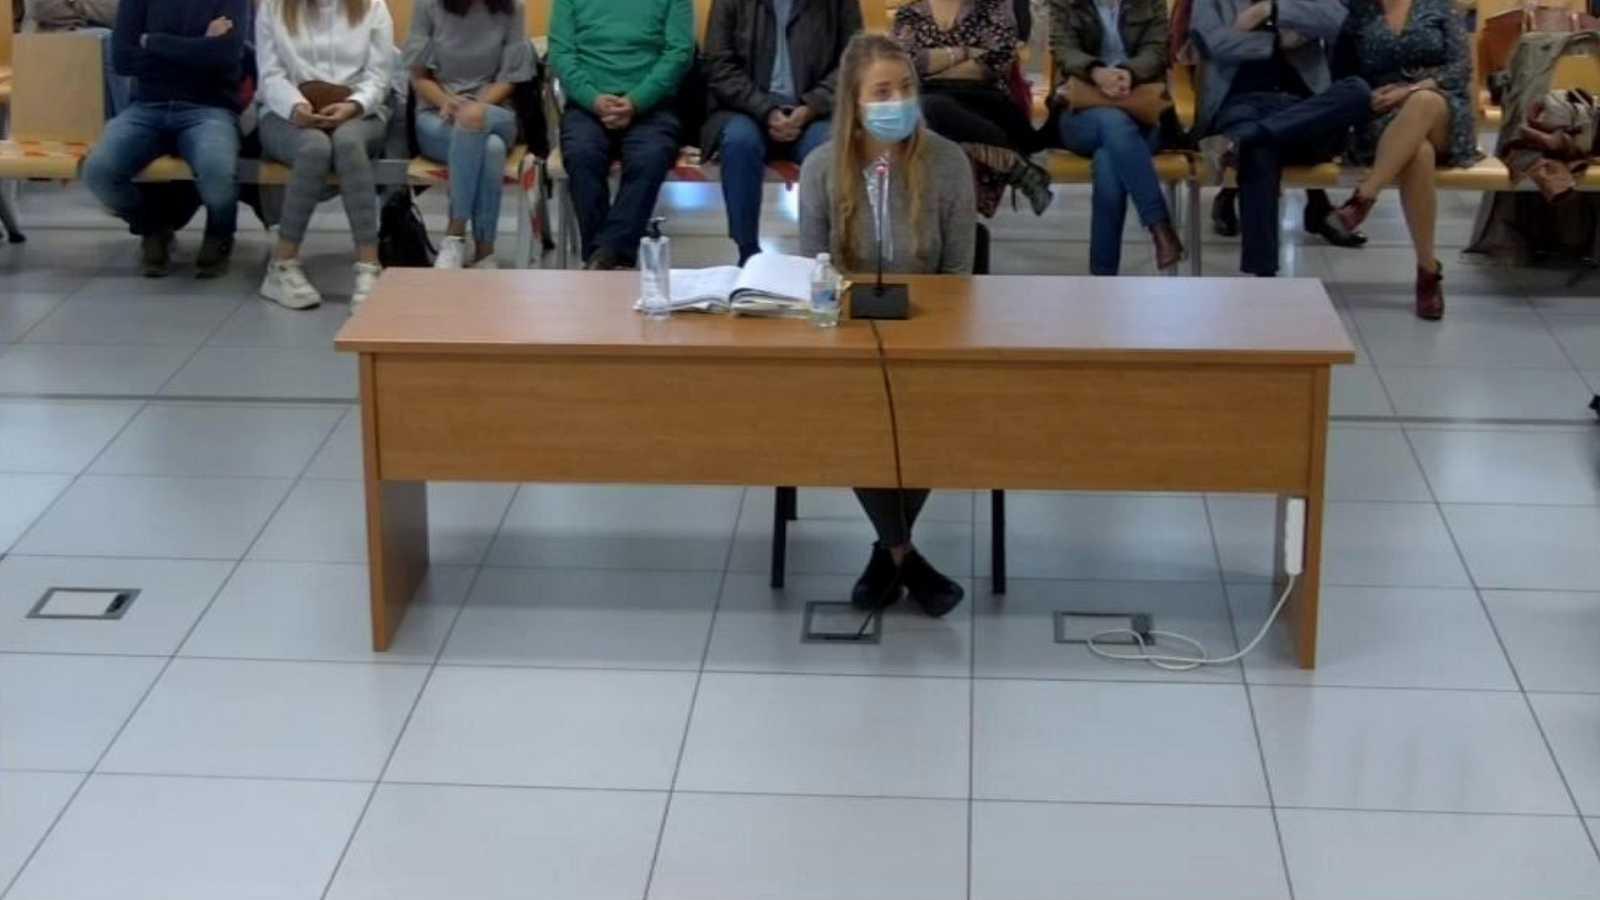 L'Informatiu - Comunitat Valenciana 2 - 18/11/20 - ver ahora